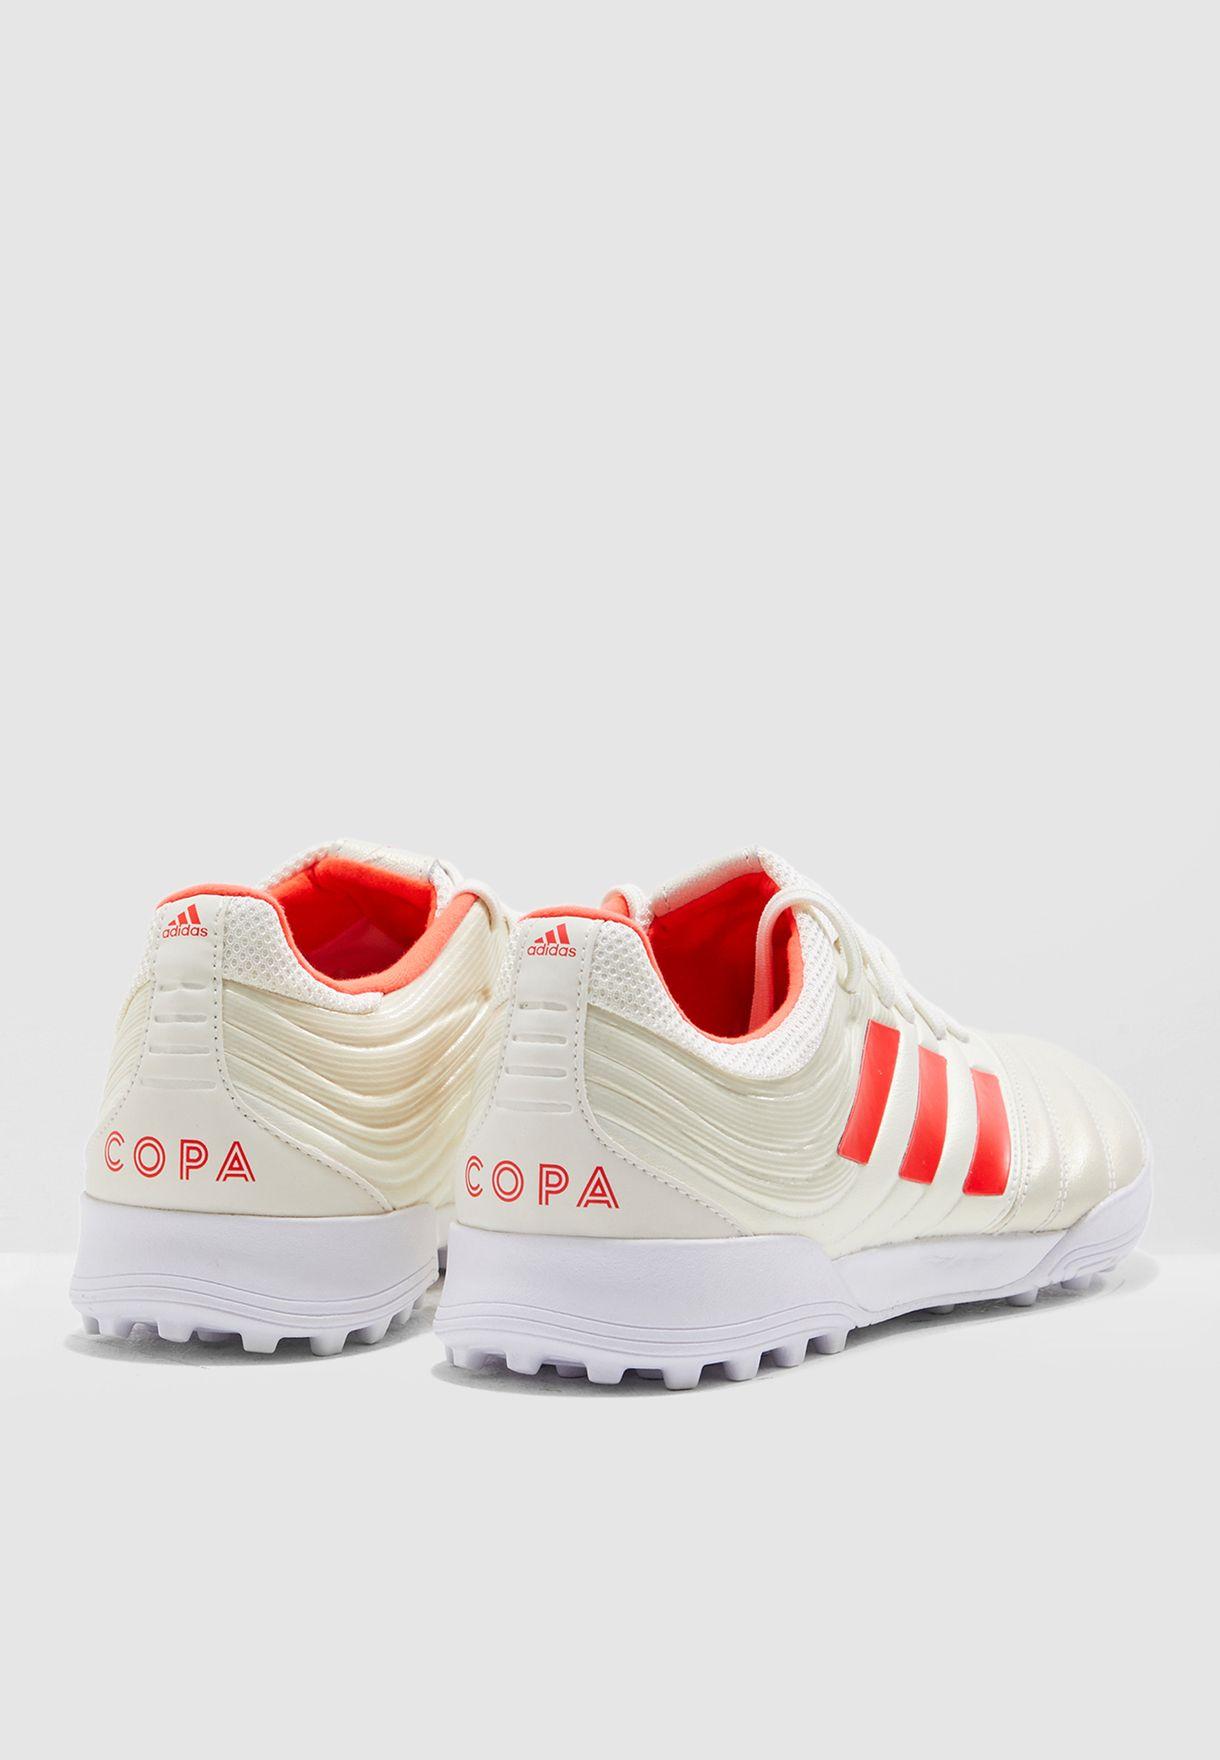 حذاء كوبا 19.3 للارض العشبية